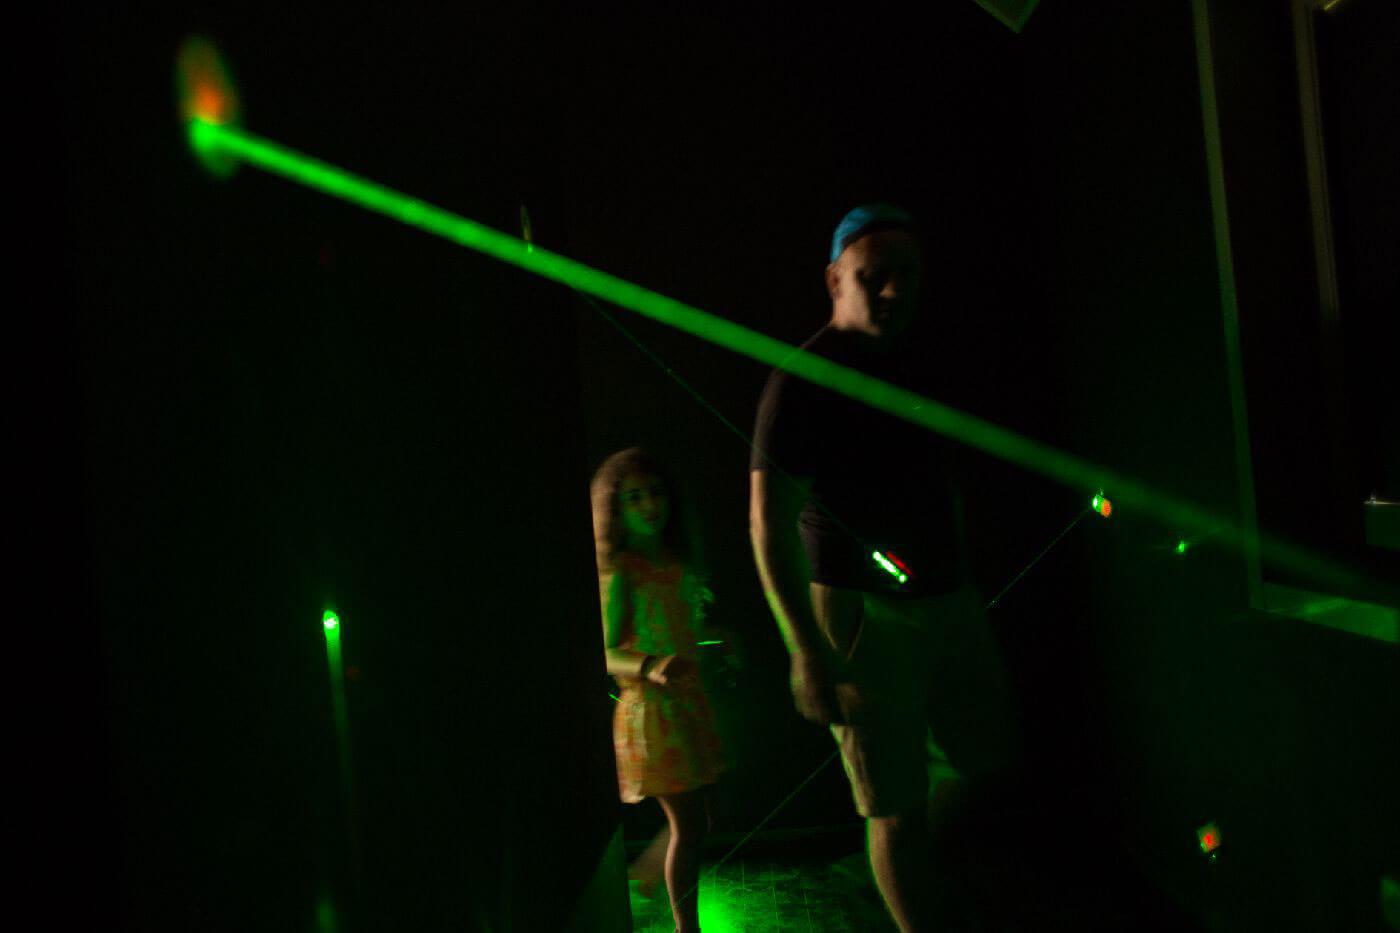 Labirintul cu Lasere